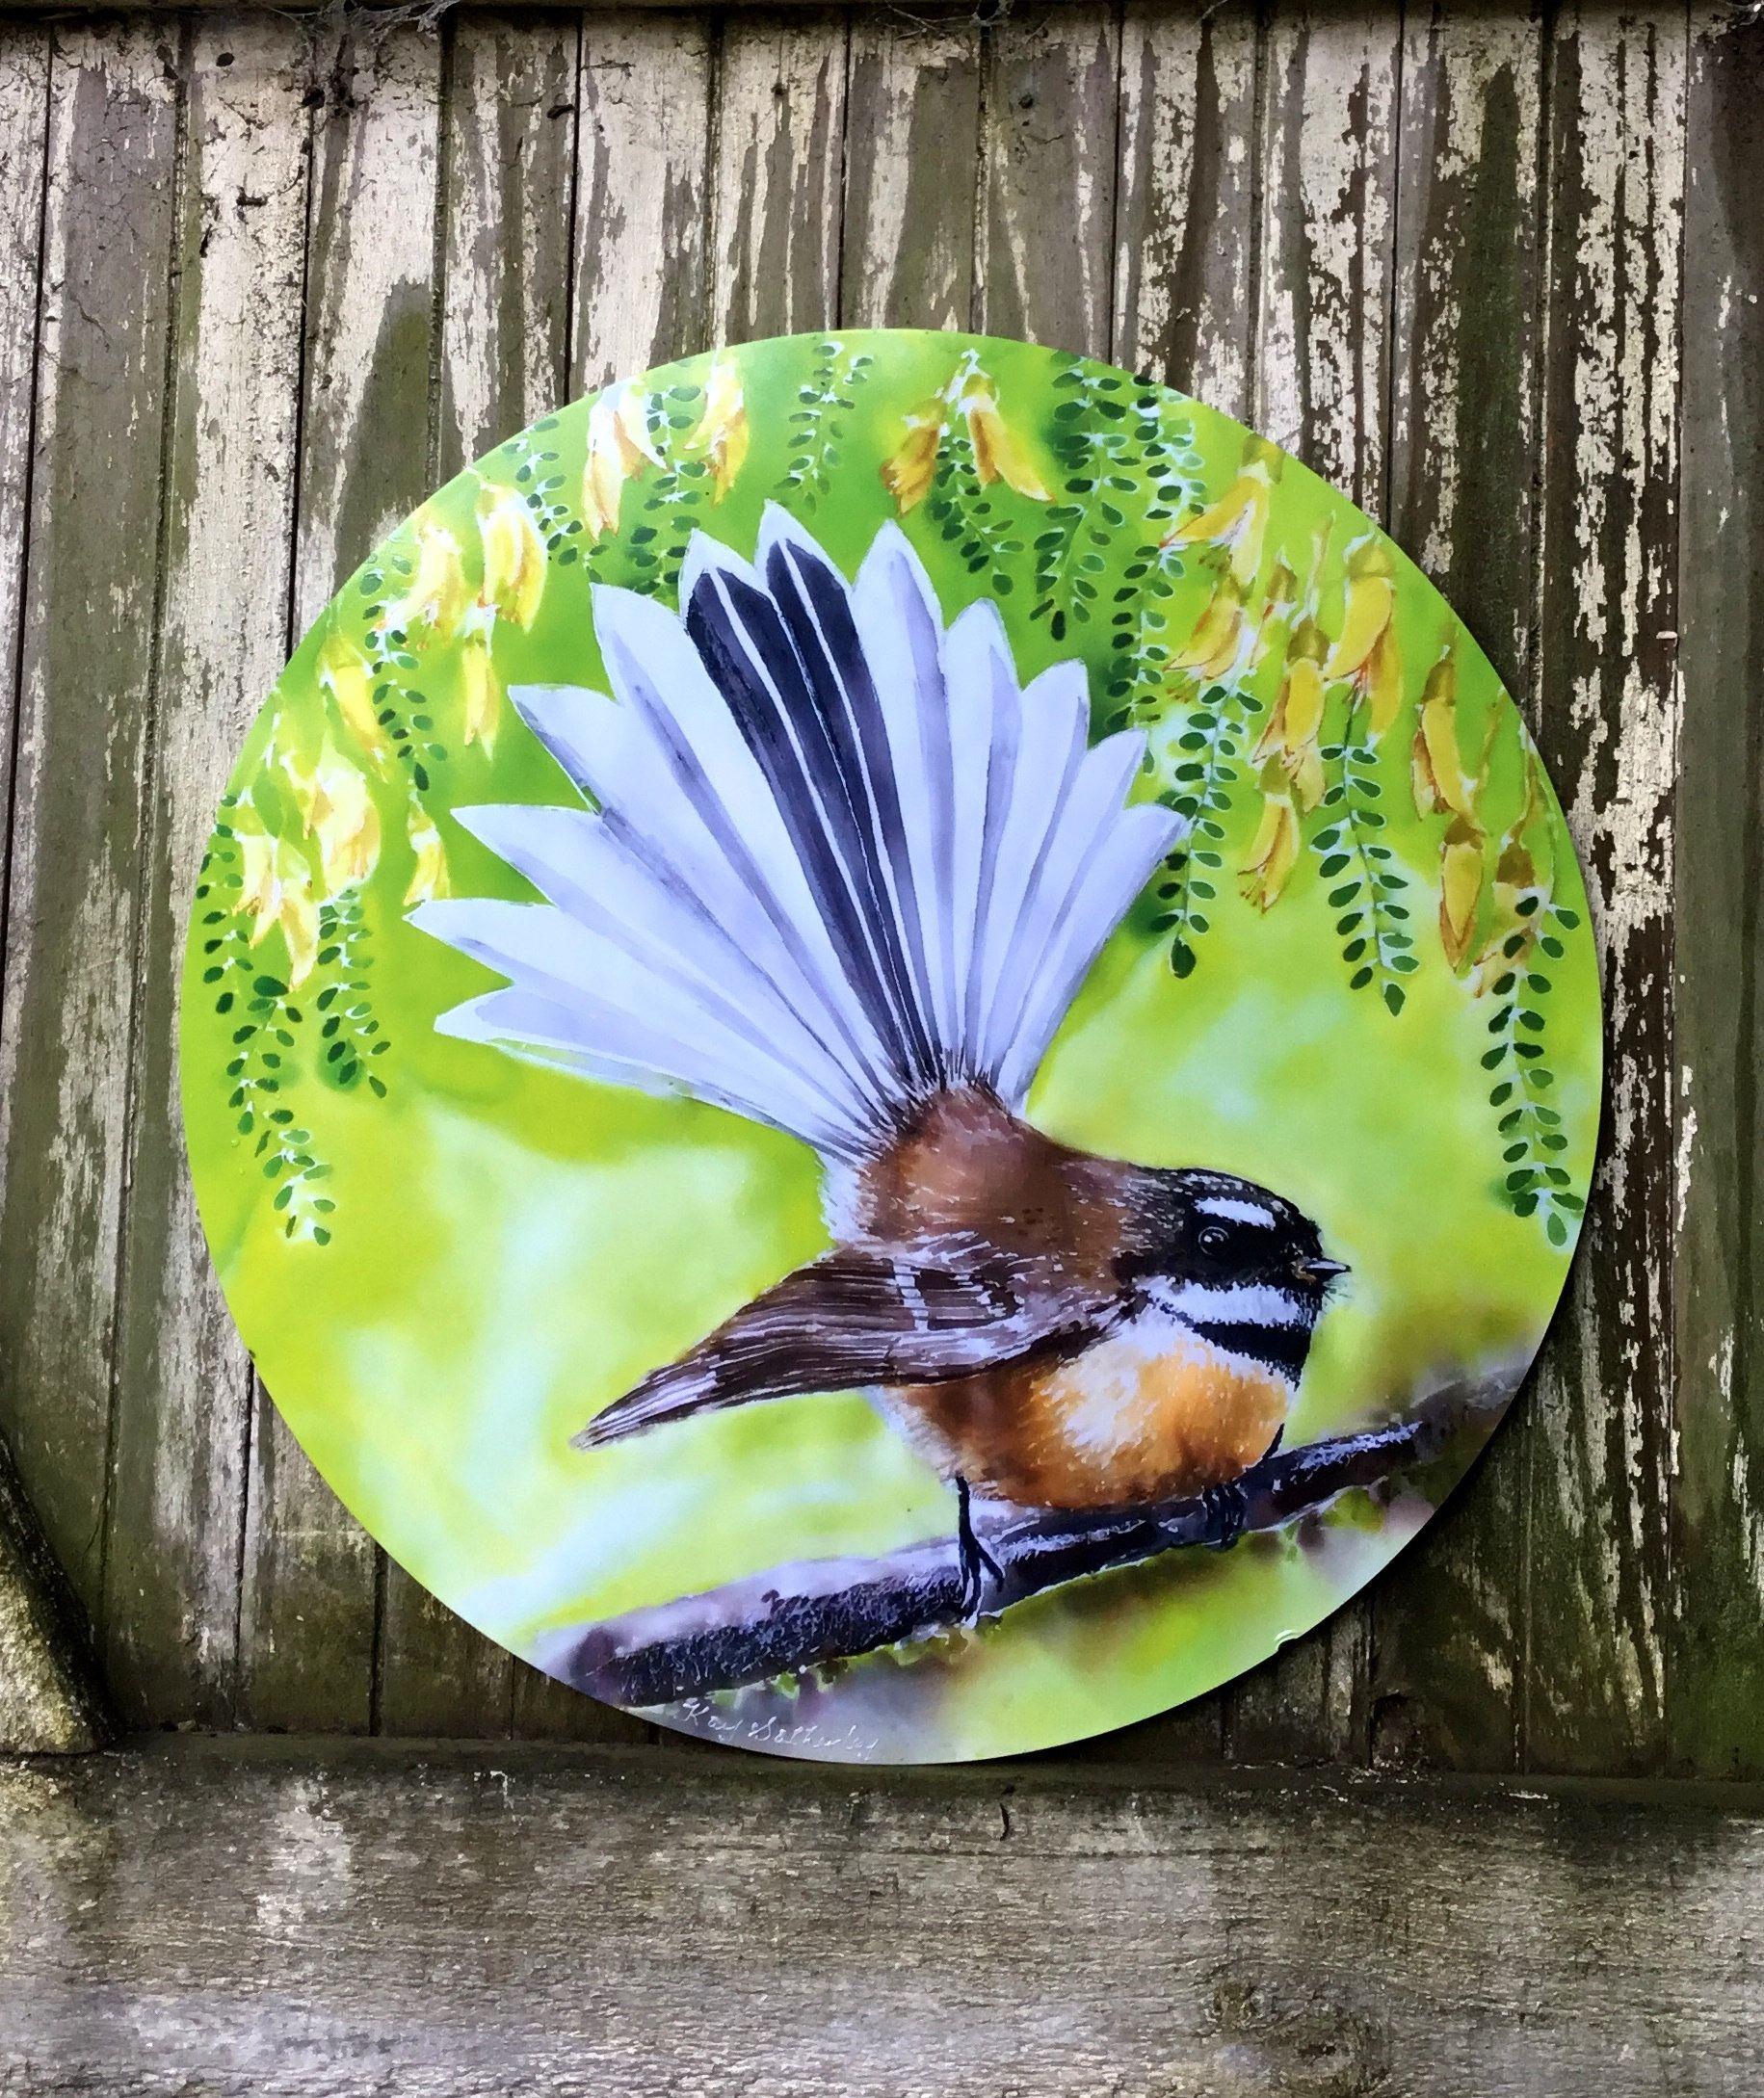 New Zealand Fantail Bird Circle Artwork Piwakawaka Nz Native Bird Inside Outside Art Outdoor Wall Art Panel Garden Art 30cm Diameter In 2020 Circle Artwork Bird Art Panel Art